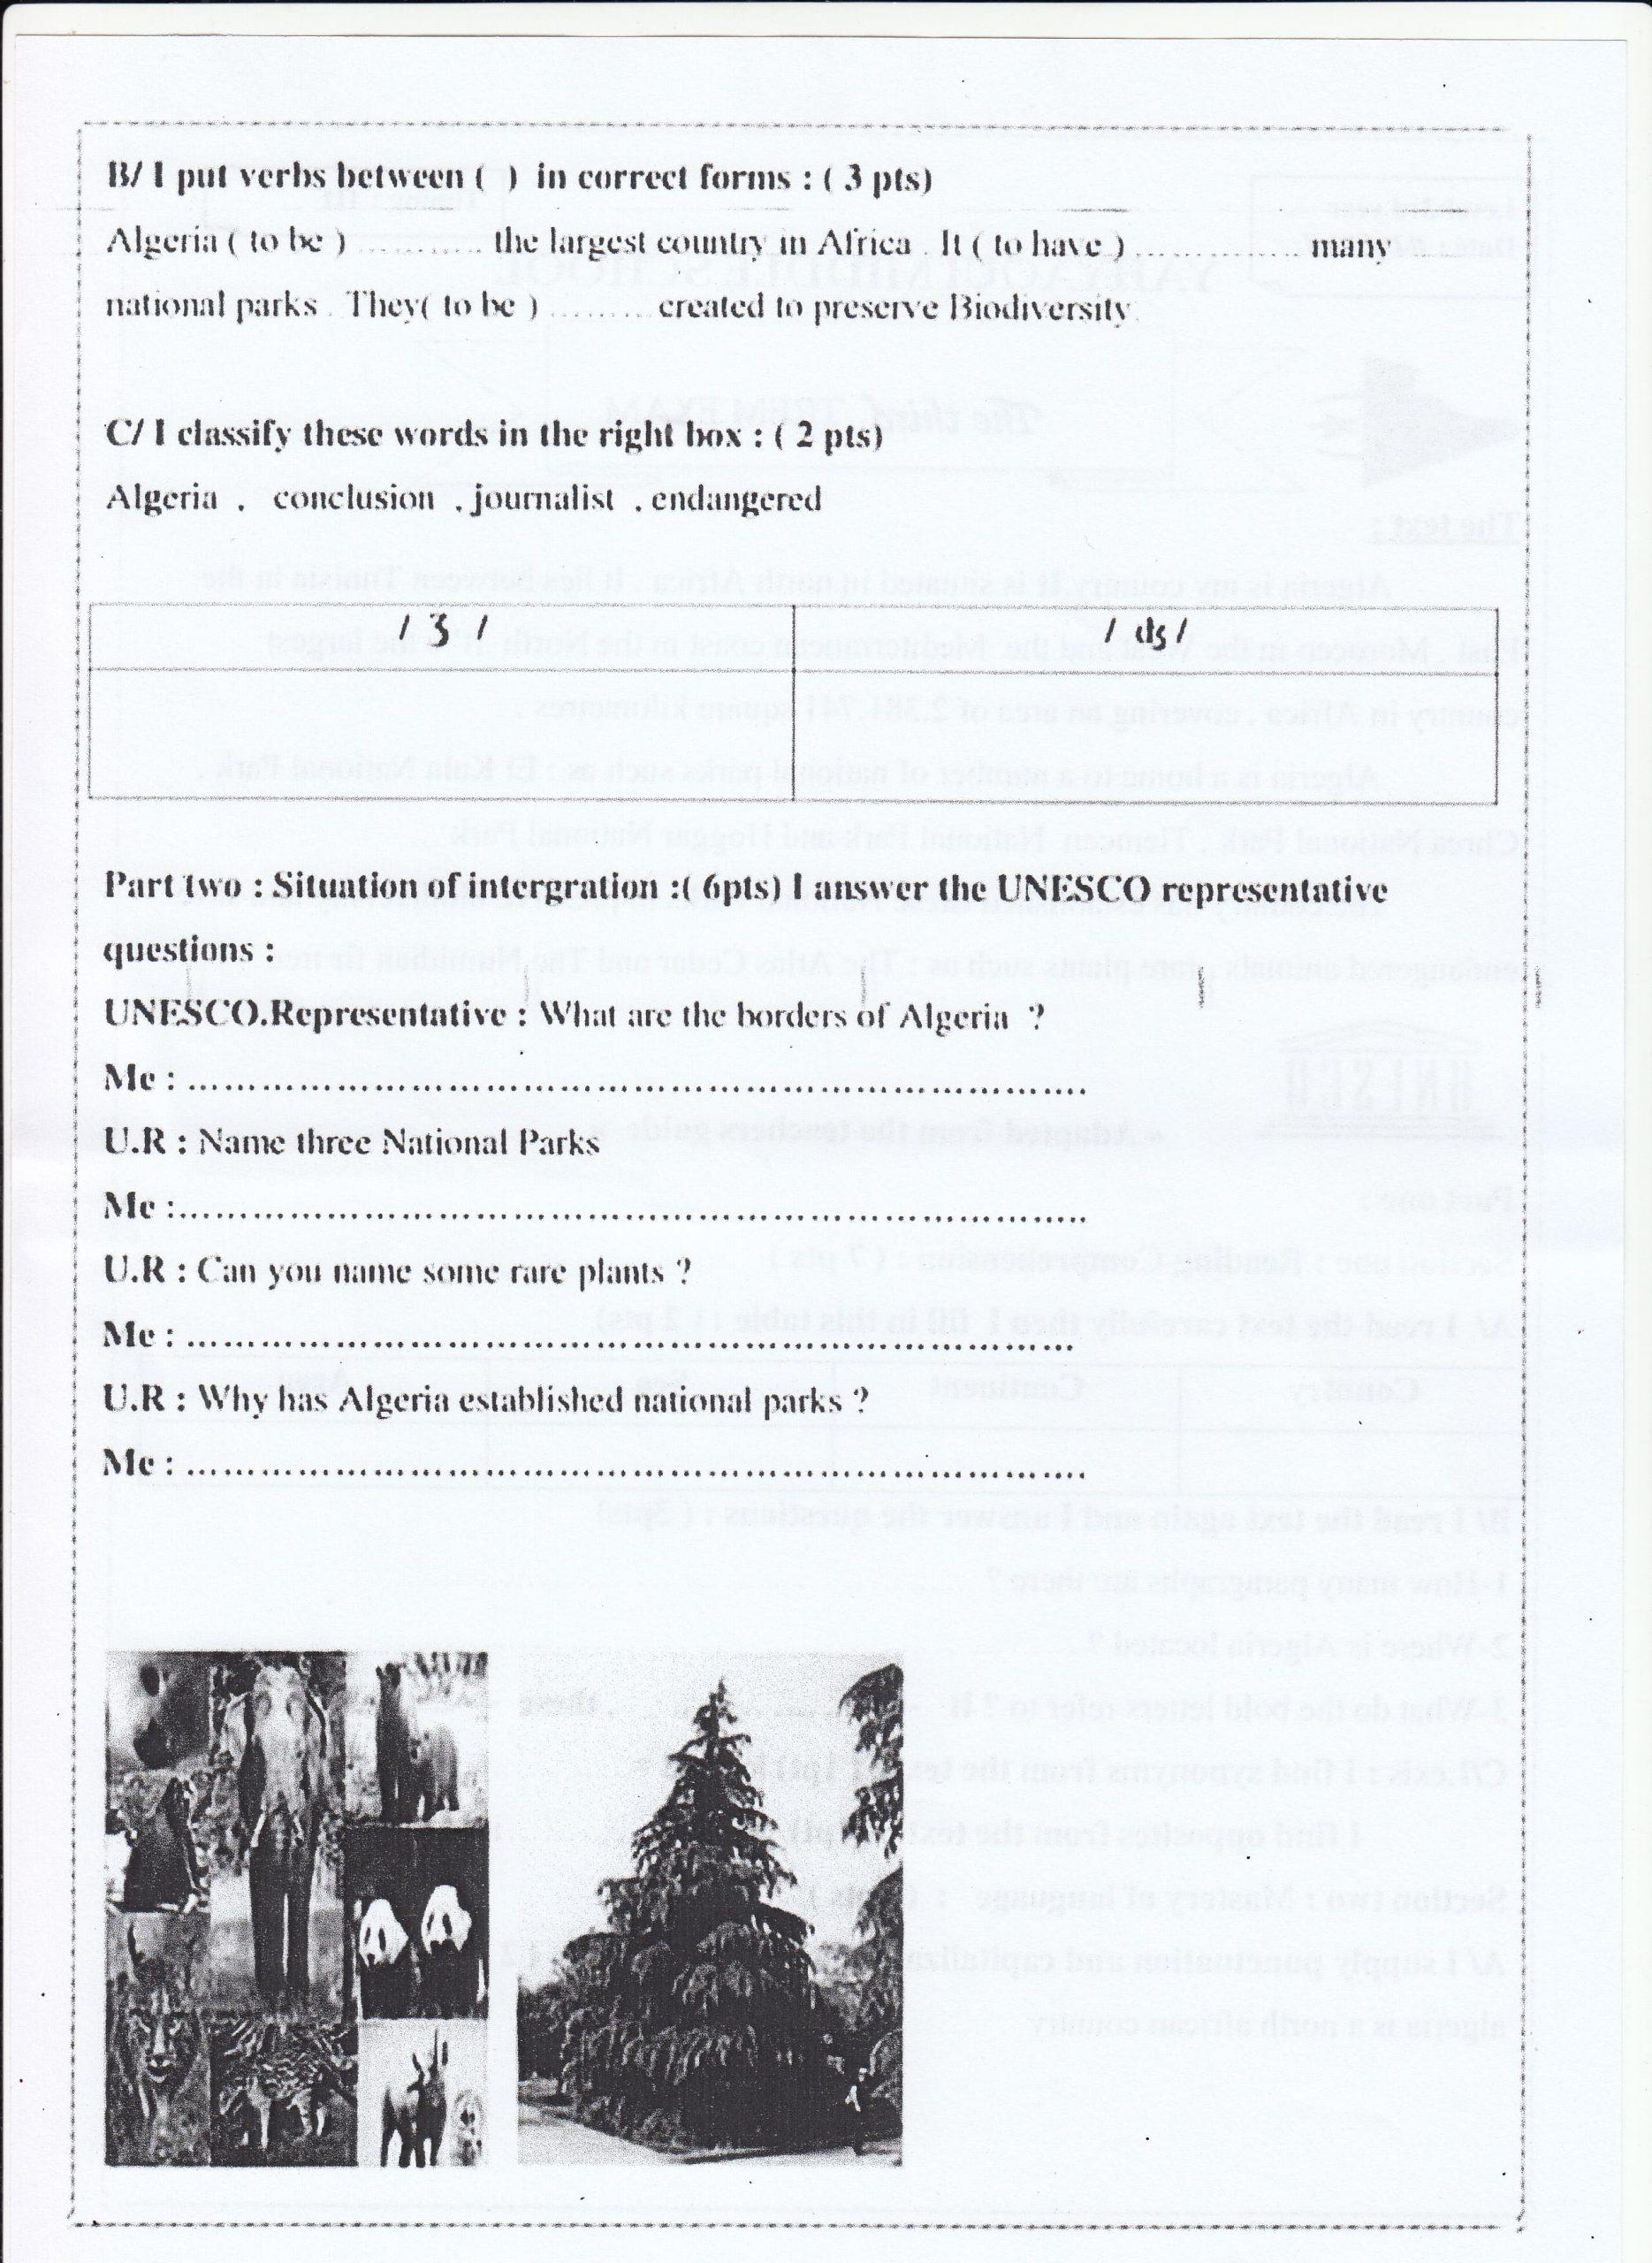 اختبار الفصل الثالث في اللغة الانجليزية السنة الثالثة متوسط   الموضوع 03